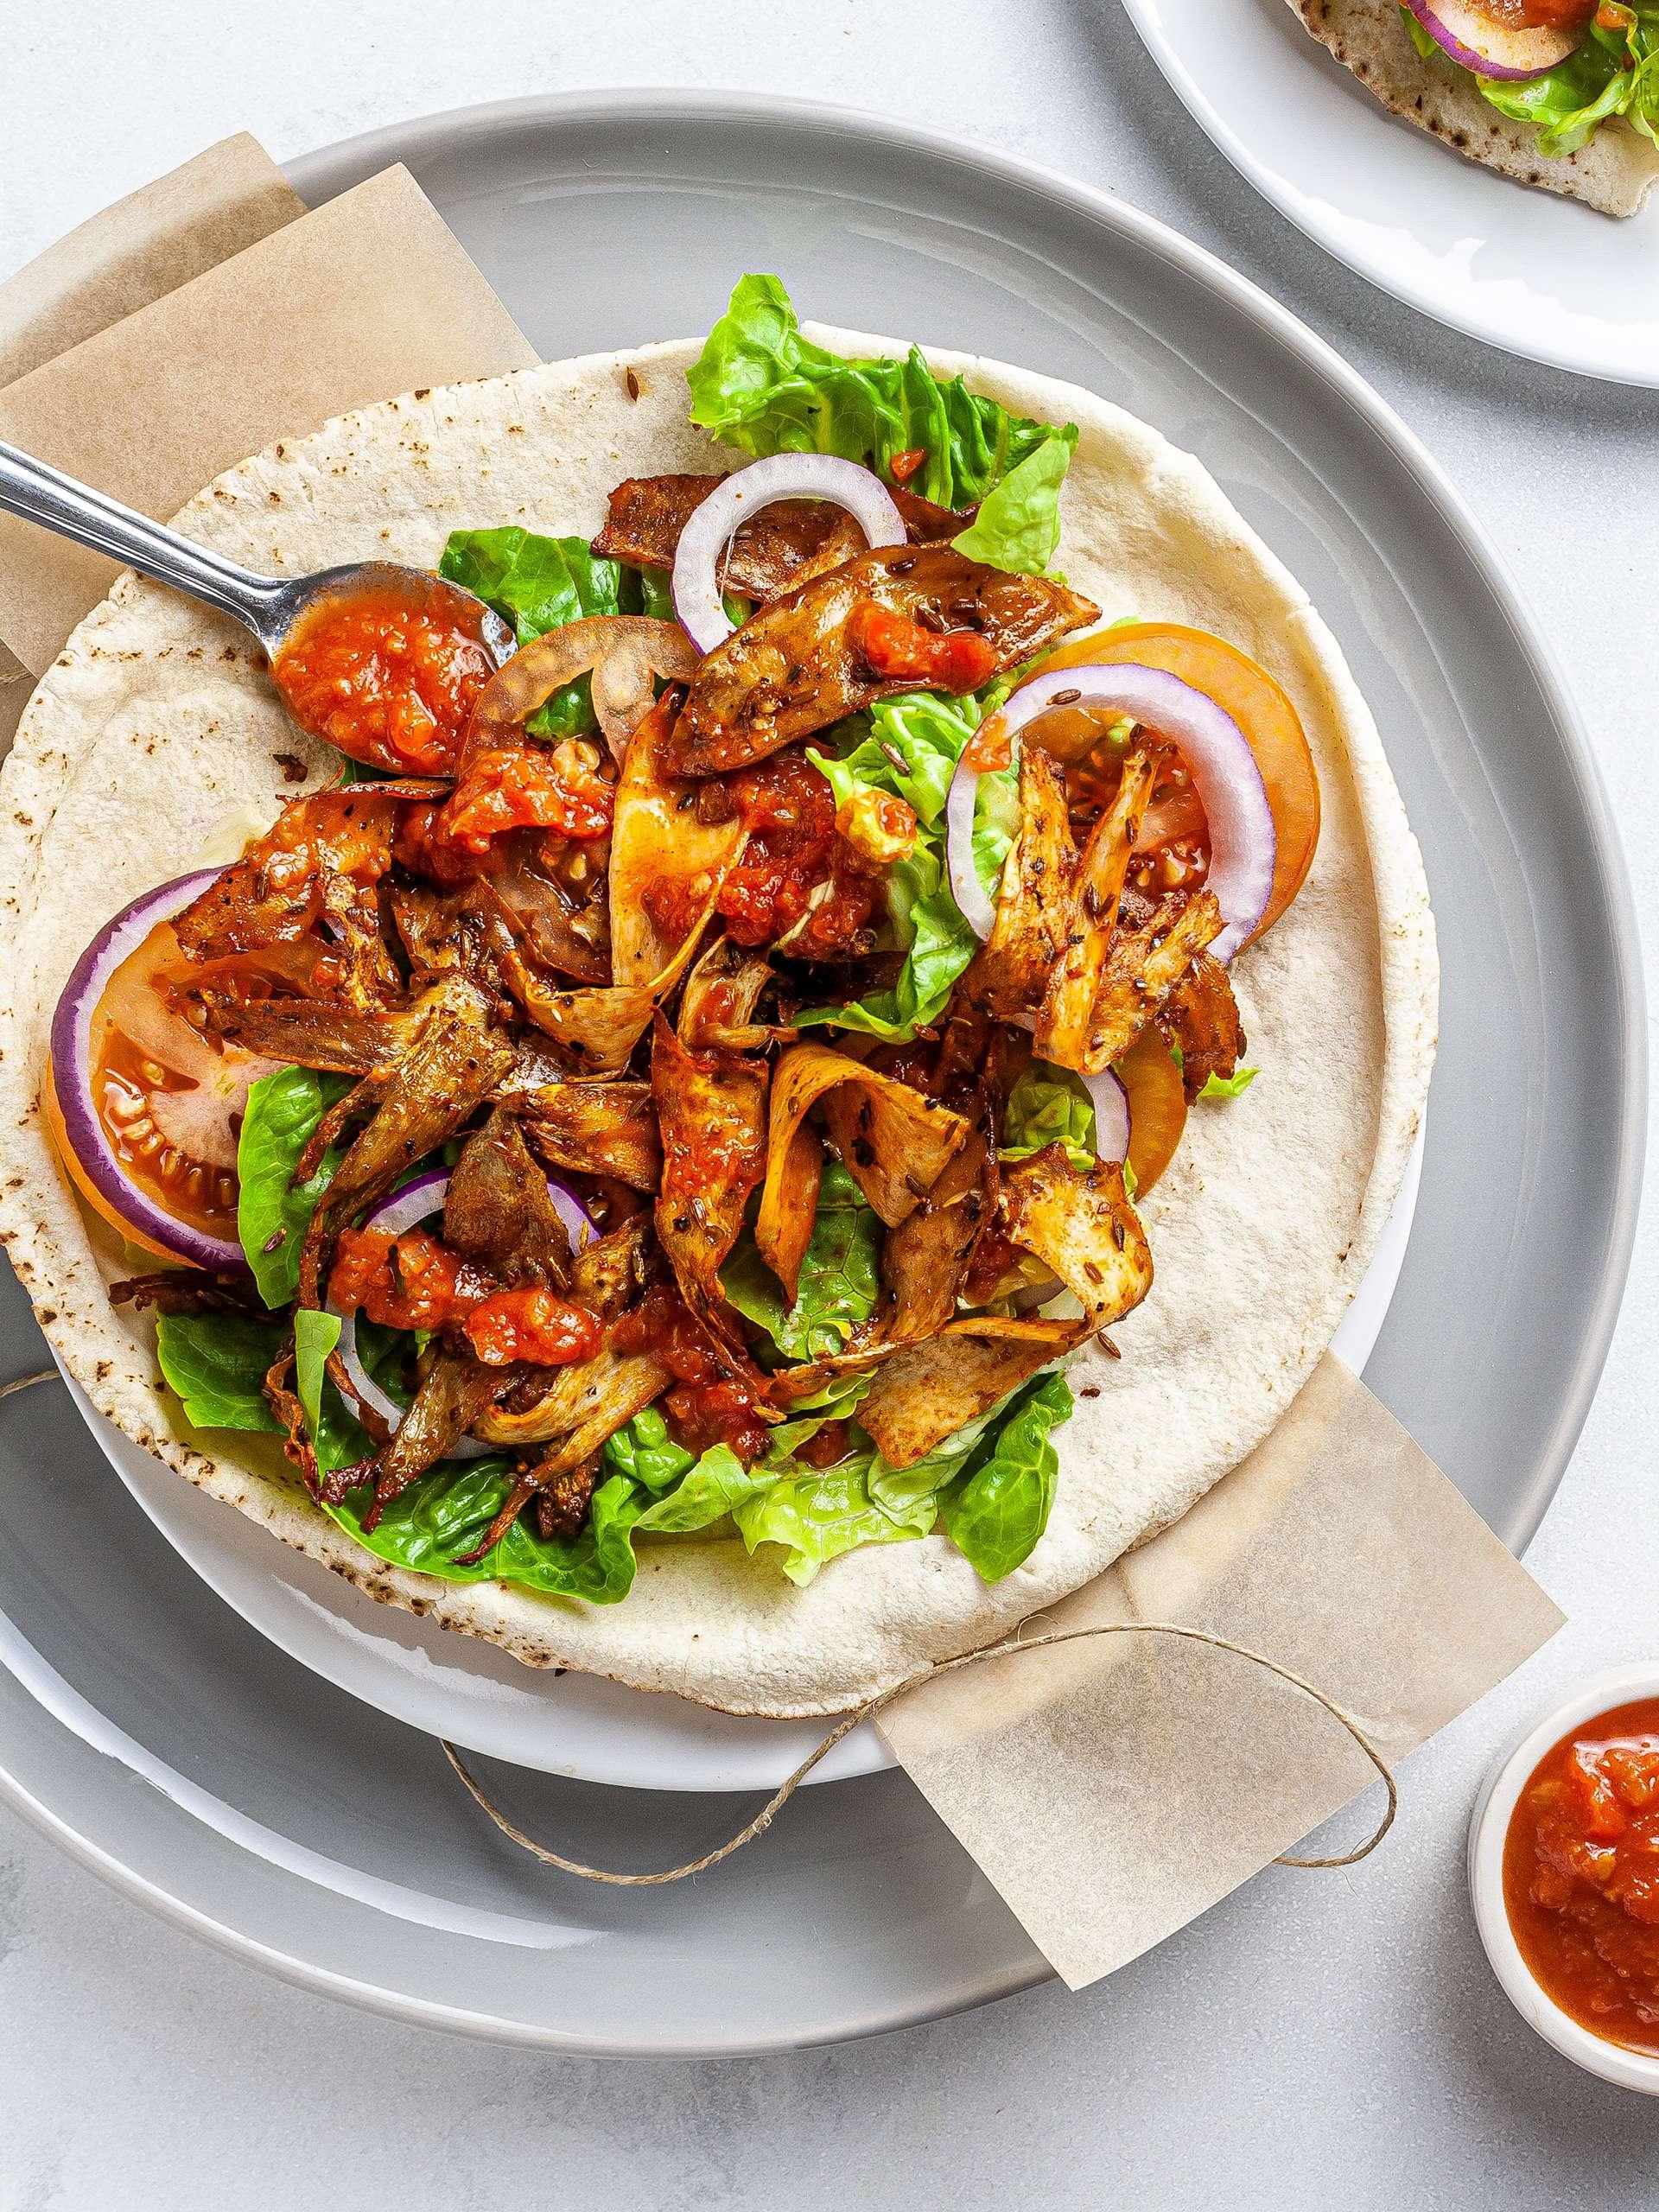 Vegan King Oyster Mushroom Shawarma Thumbnail